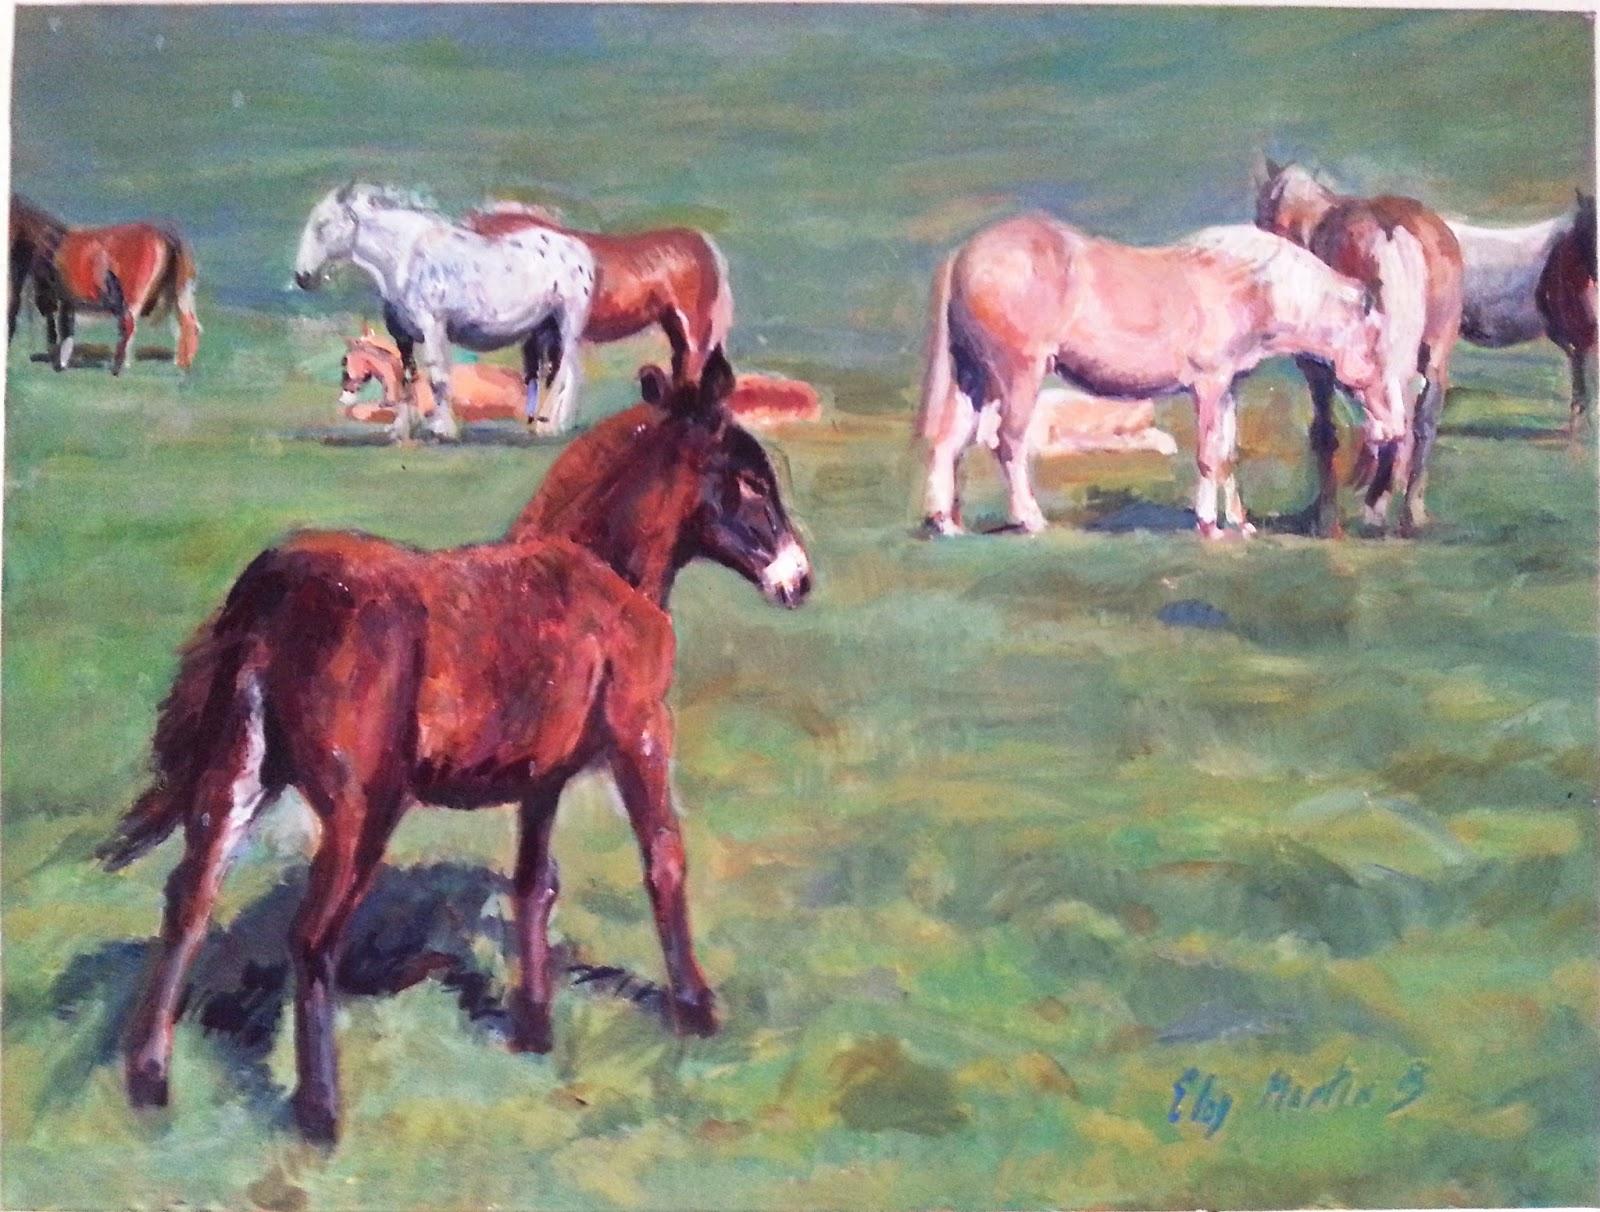 Cuadro con caballos